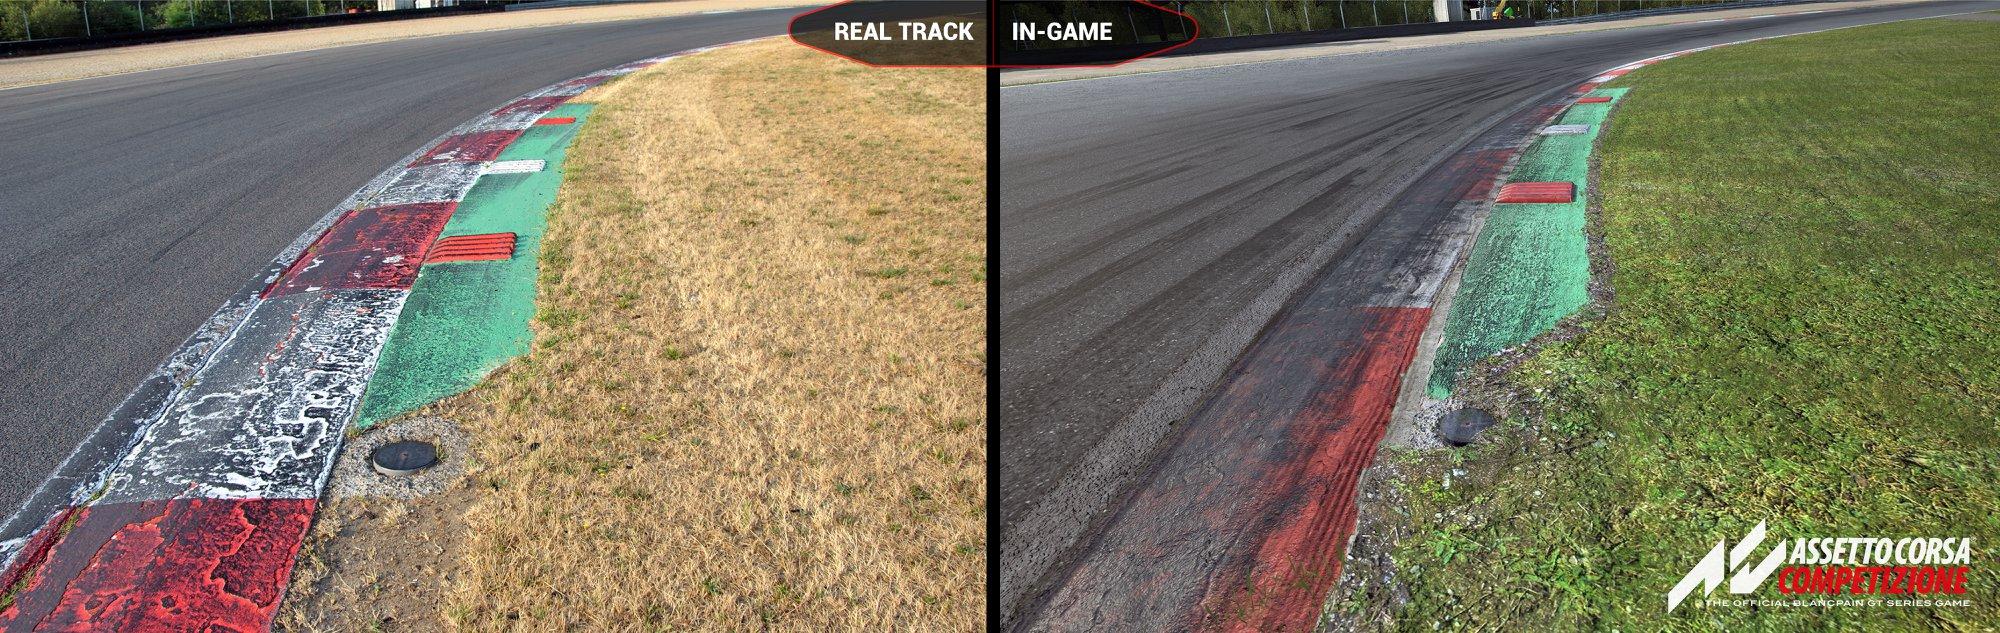 ACC Release 5 real vs virtual 1.jpg